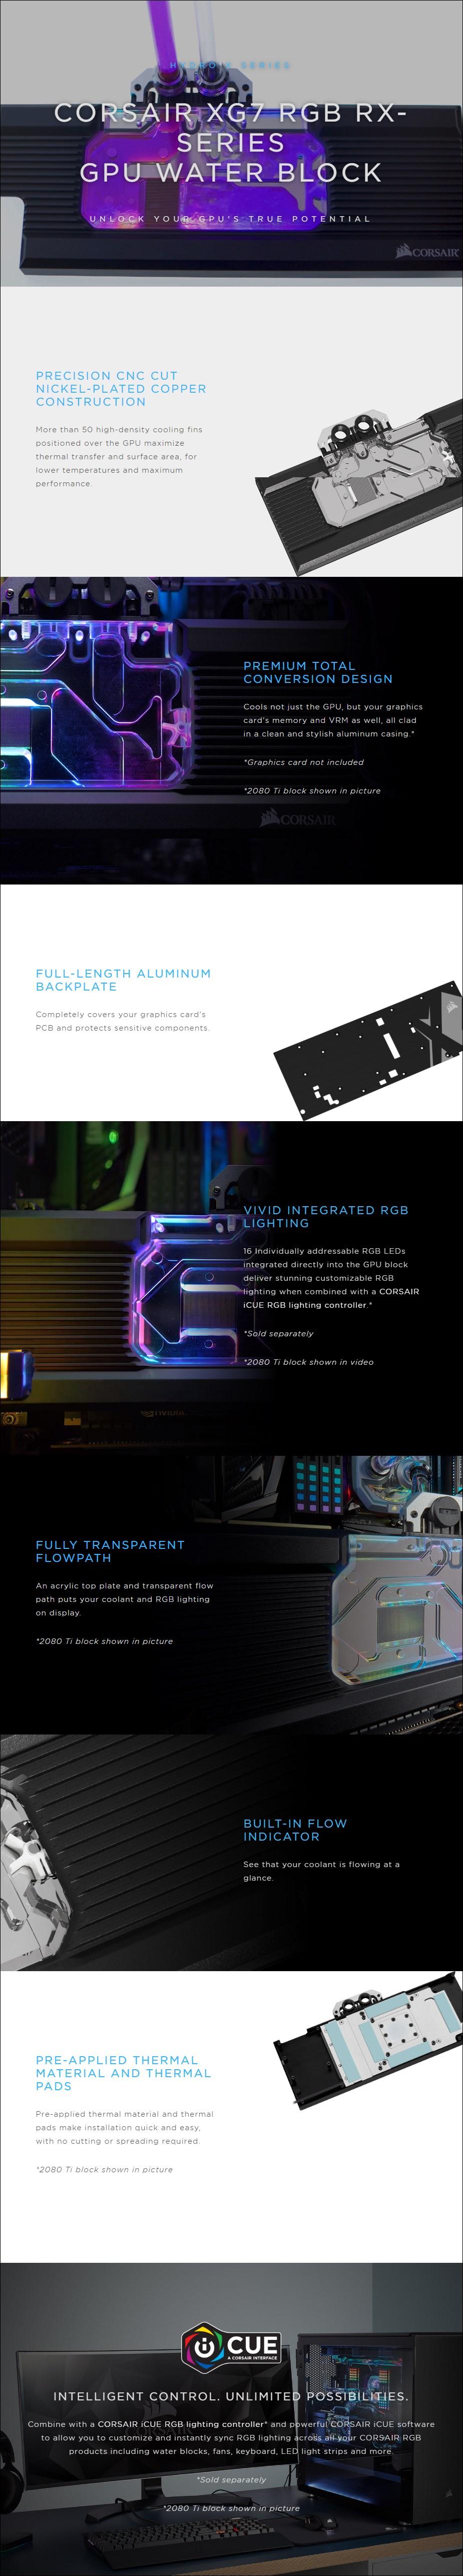 Corsair Hydro X Series XG7 RGB 5700 XT GPU Water Block - Overview 1